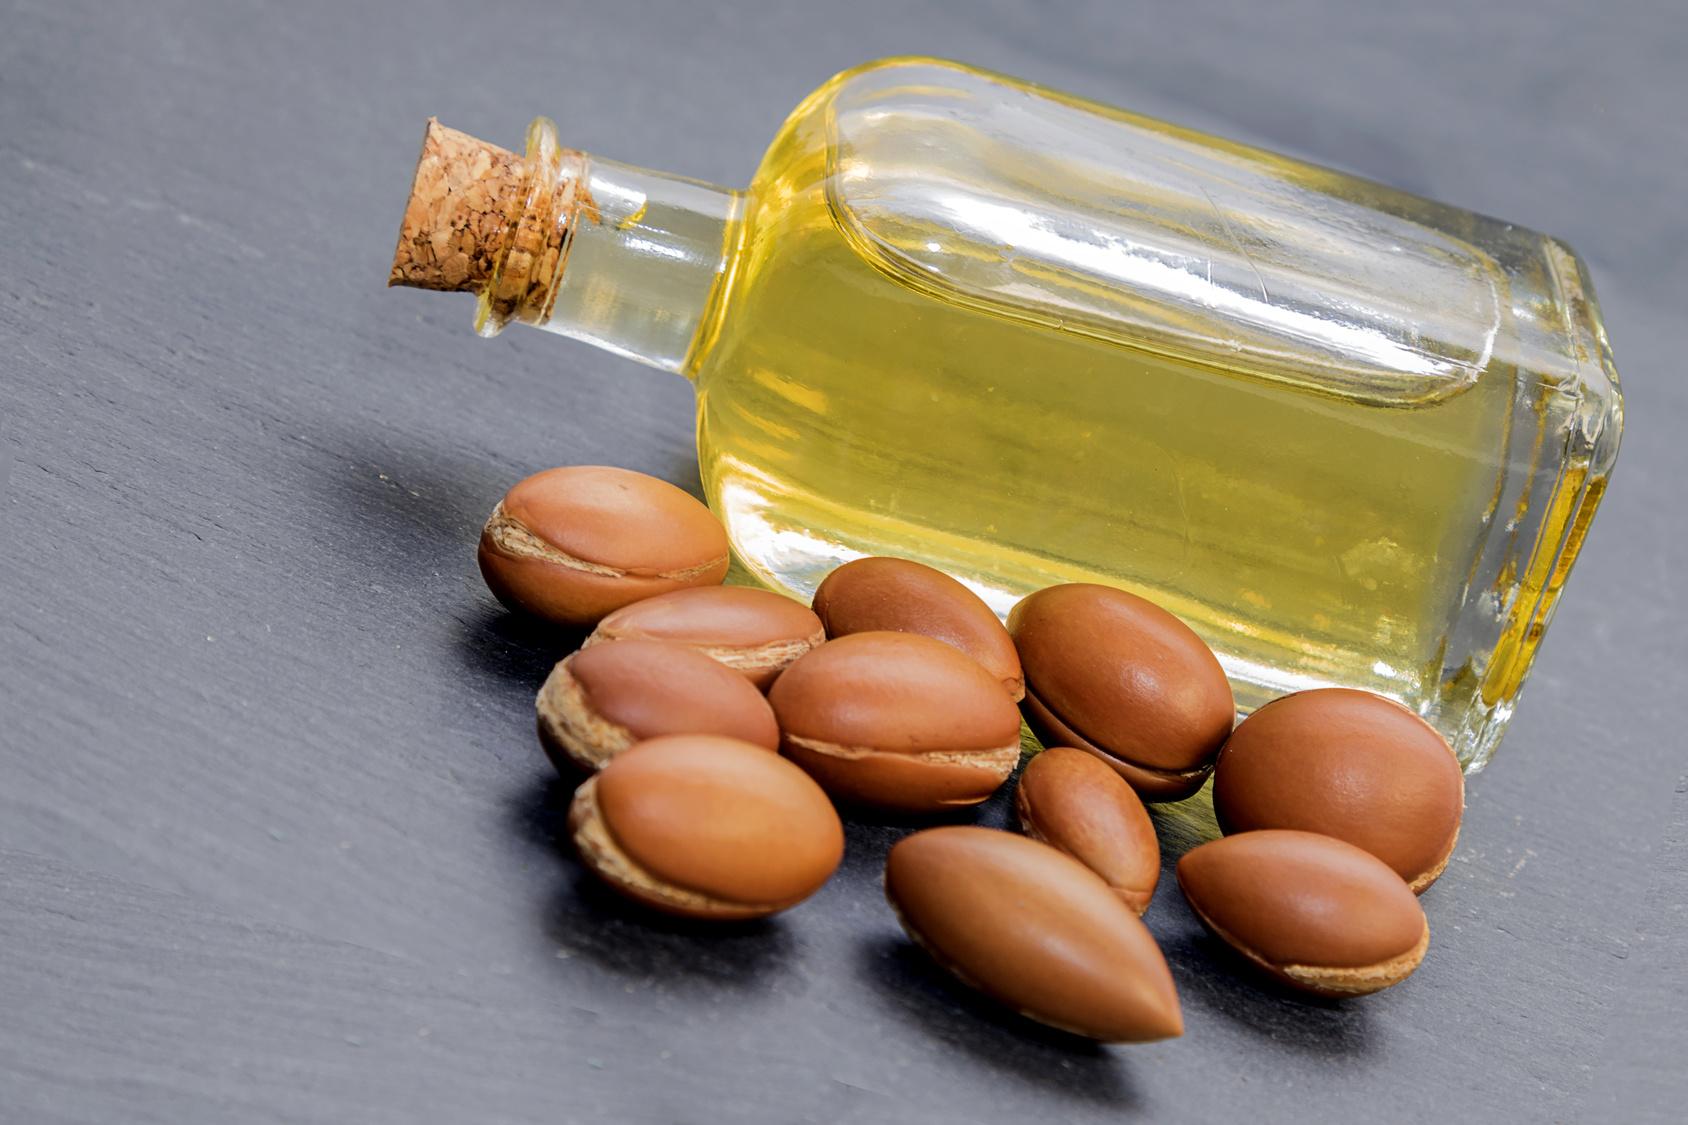 Olejek arganowy - właściwości i zastosowanie w kosmetyce